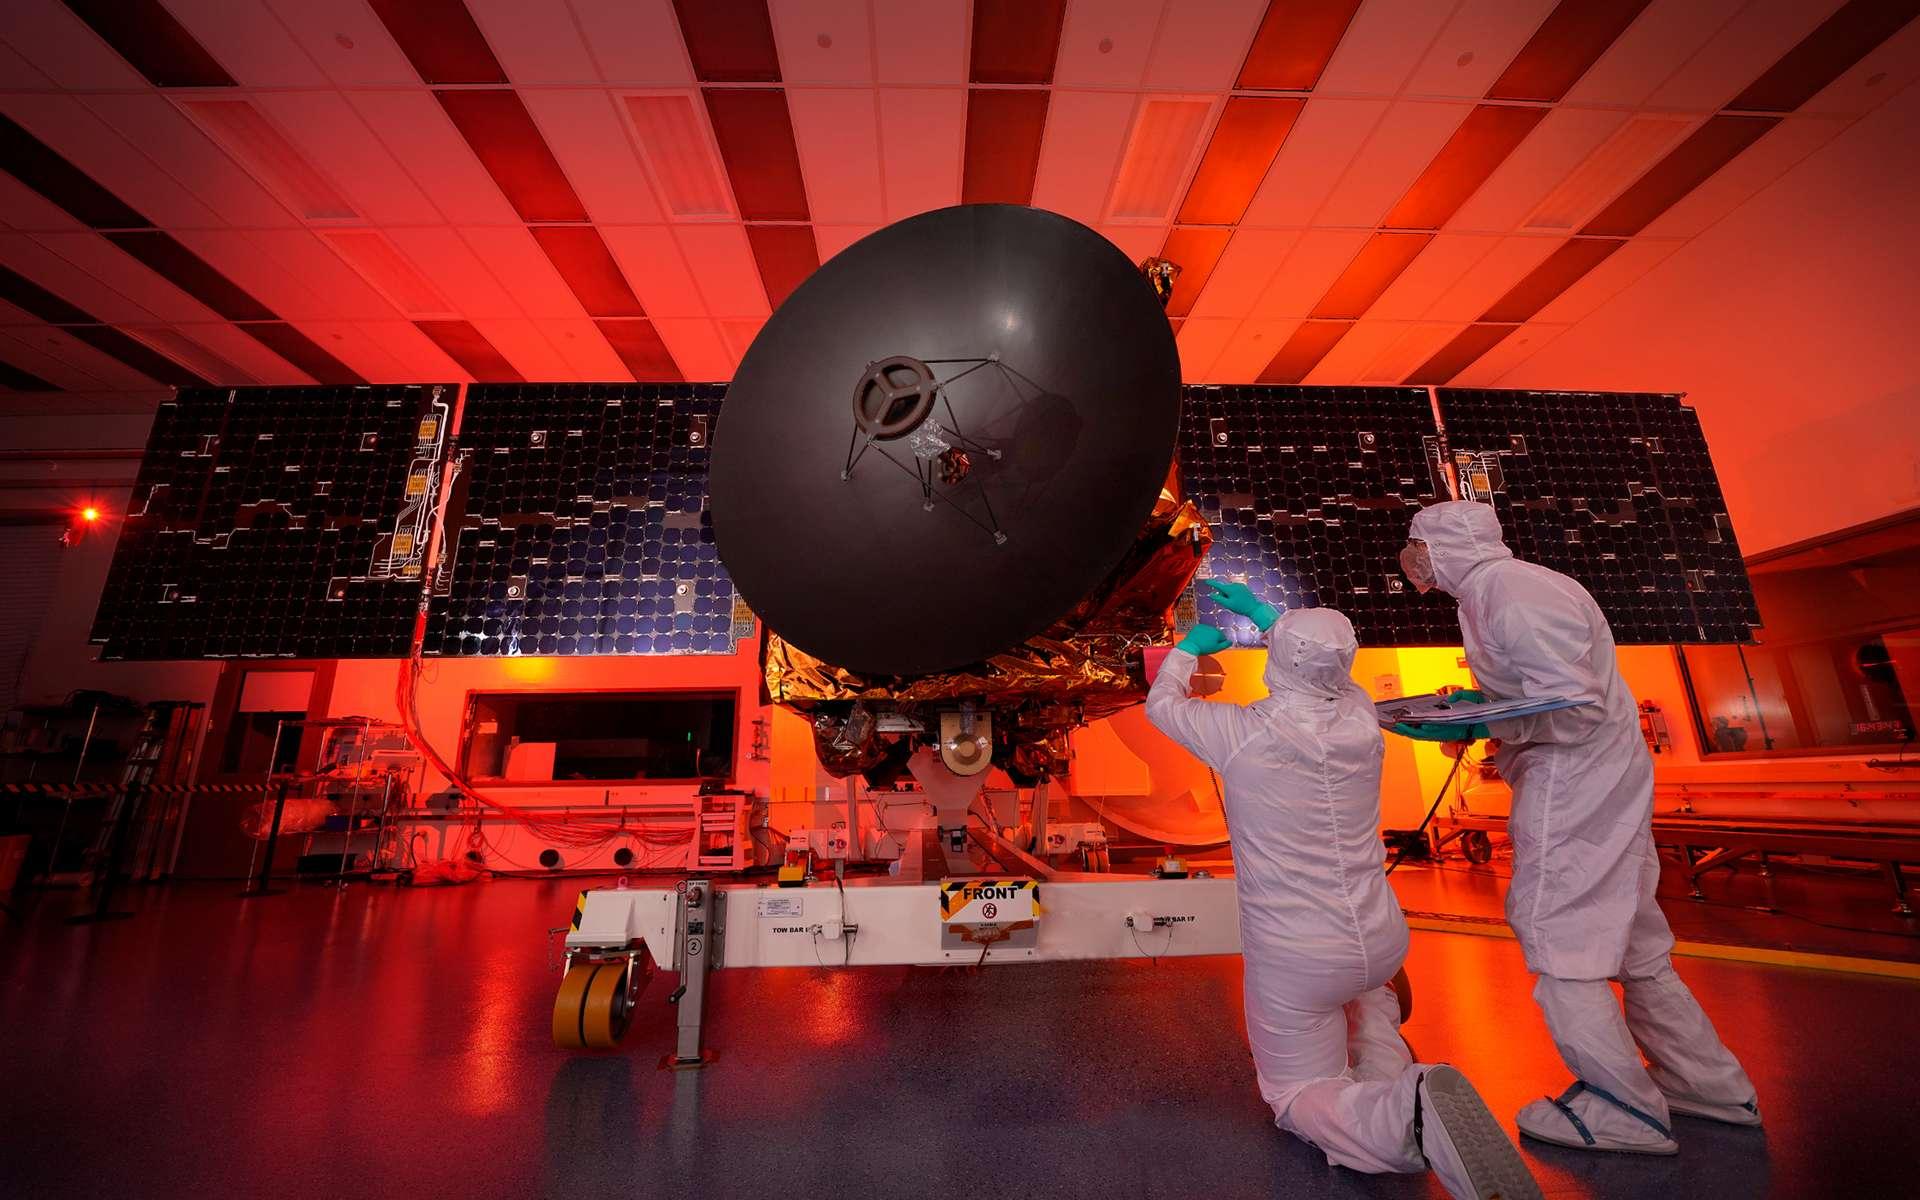 La sonde Hope étudiera la météorologie martienne comme jamais auparavant en étant capable d'observer Mars à différentes heures locales, ce qui n'est pas le cas aujourd'hui. © United Arab Emirates Space Agency